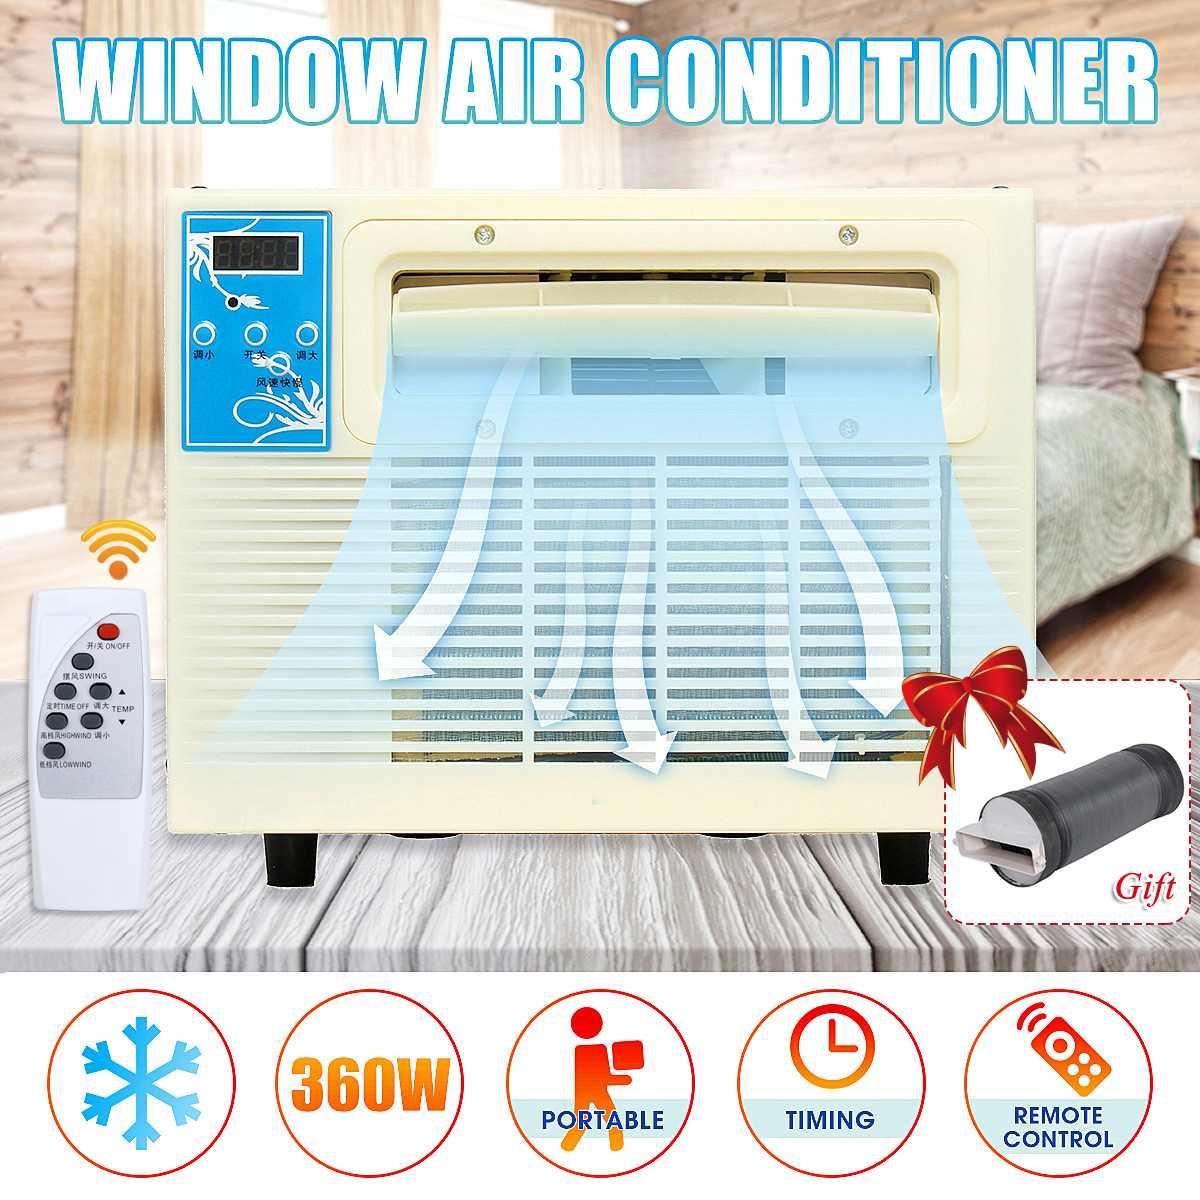 Obligatorisch Klimaanlage Desktops Fenster Klimaanlage Mini Haushalt Luftkühler Klimaanlage Mit Fernbedienung Neue Ankunft 2019 Haushaltsgeräte